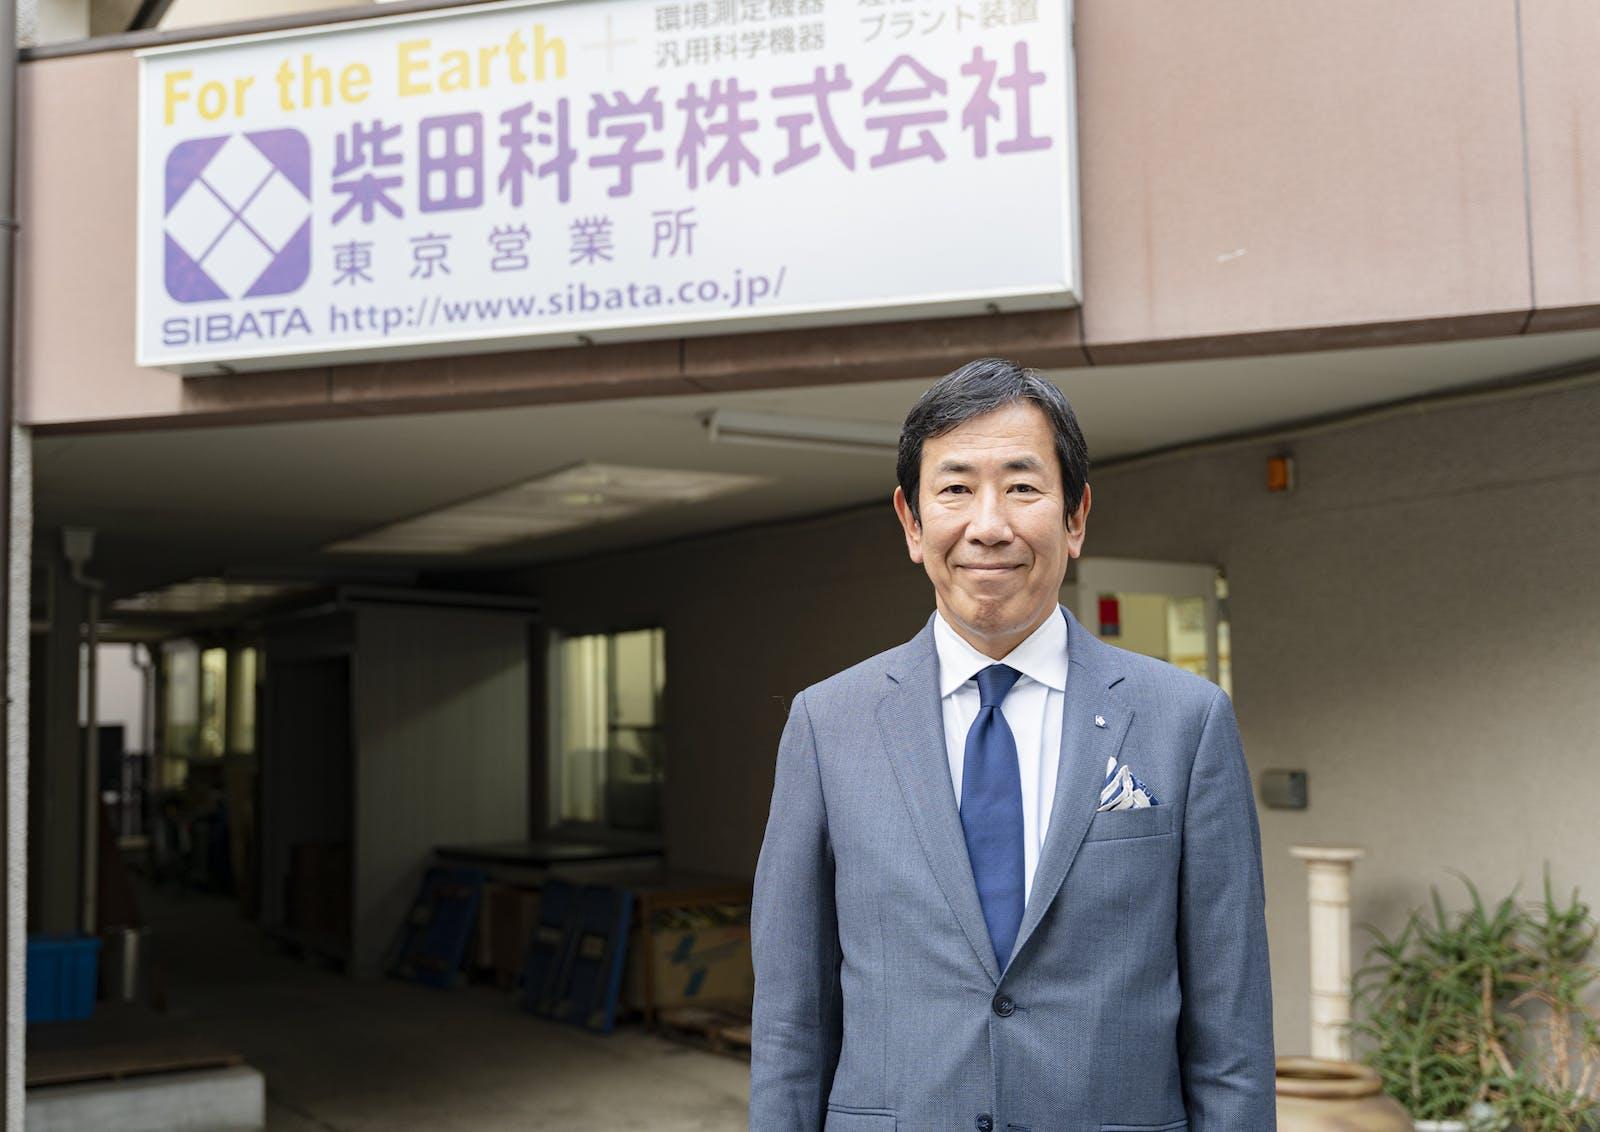 柴田科学株式会社のアイキャッチ画像